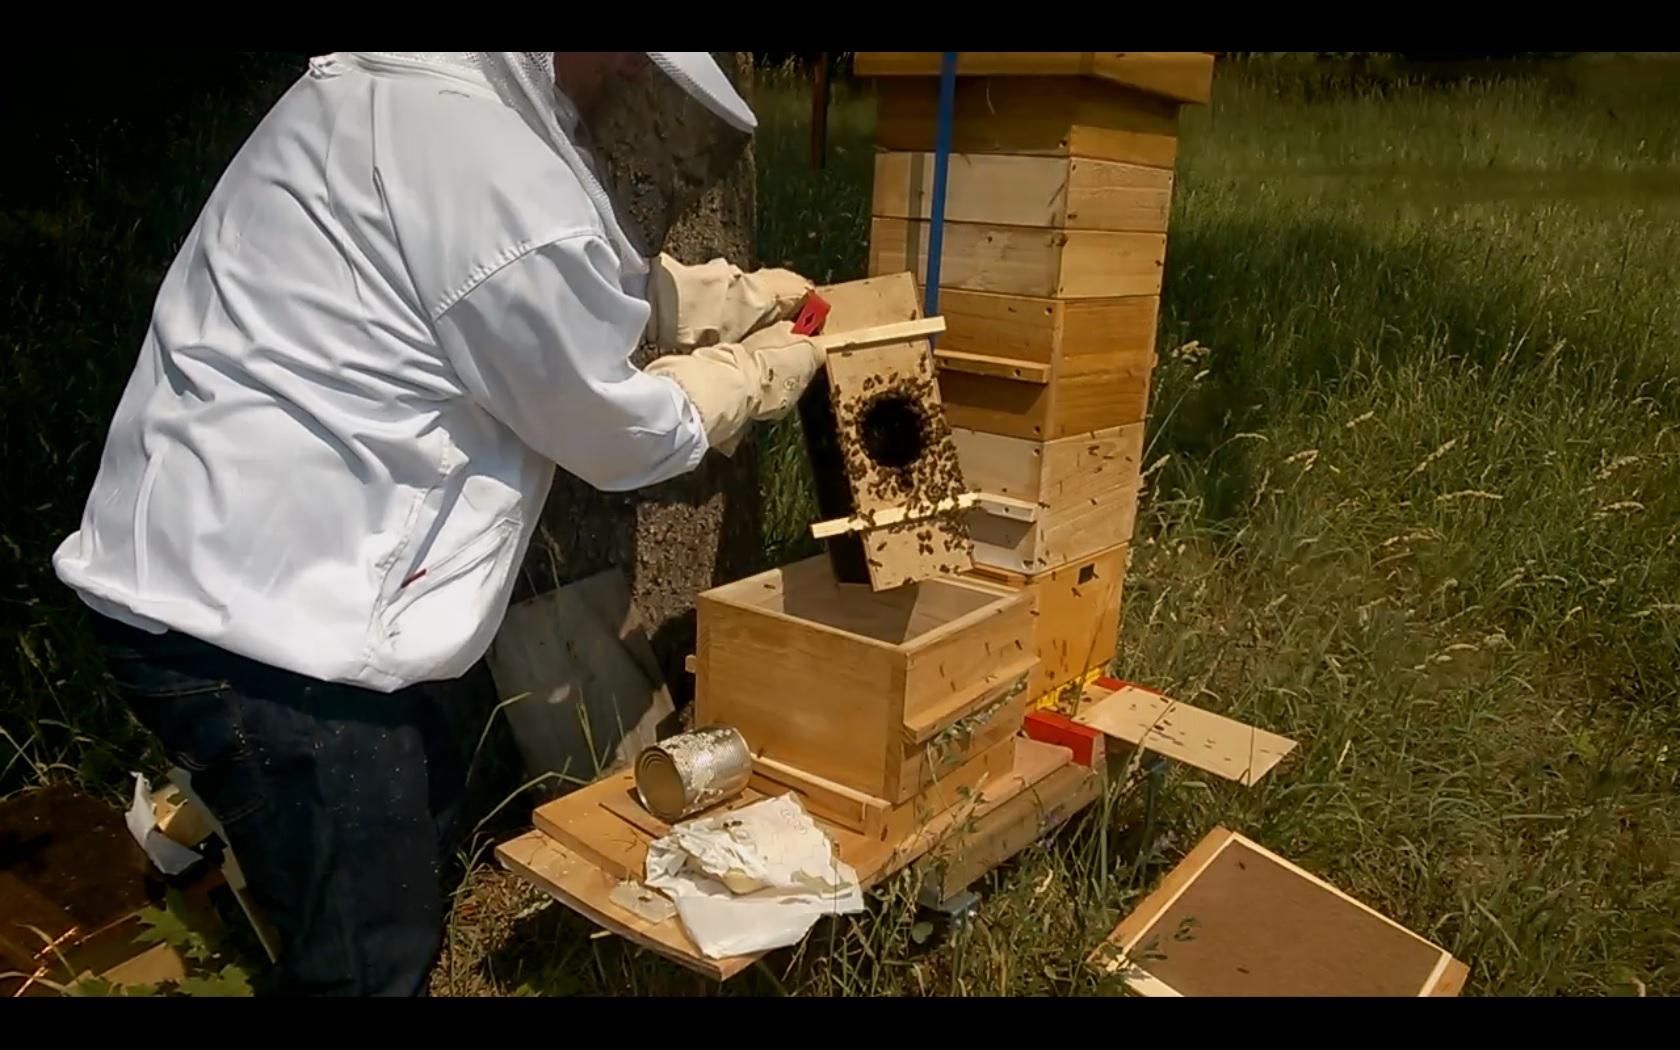 Bei dem prallen Sonnenlicht drängten die Bienen aber schon gewaltig heraus aus der Box und ich war sofort von verwirrten Bienen umschwärmt.